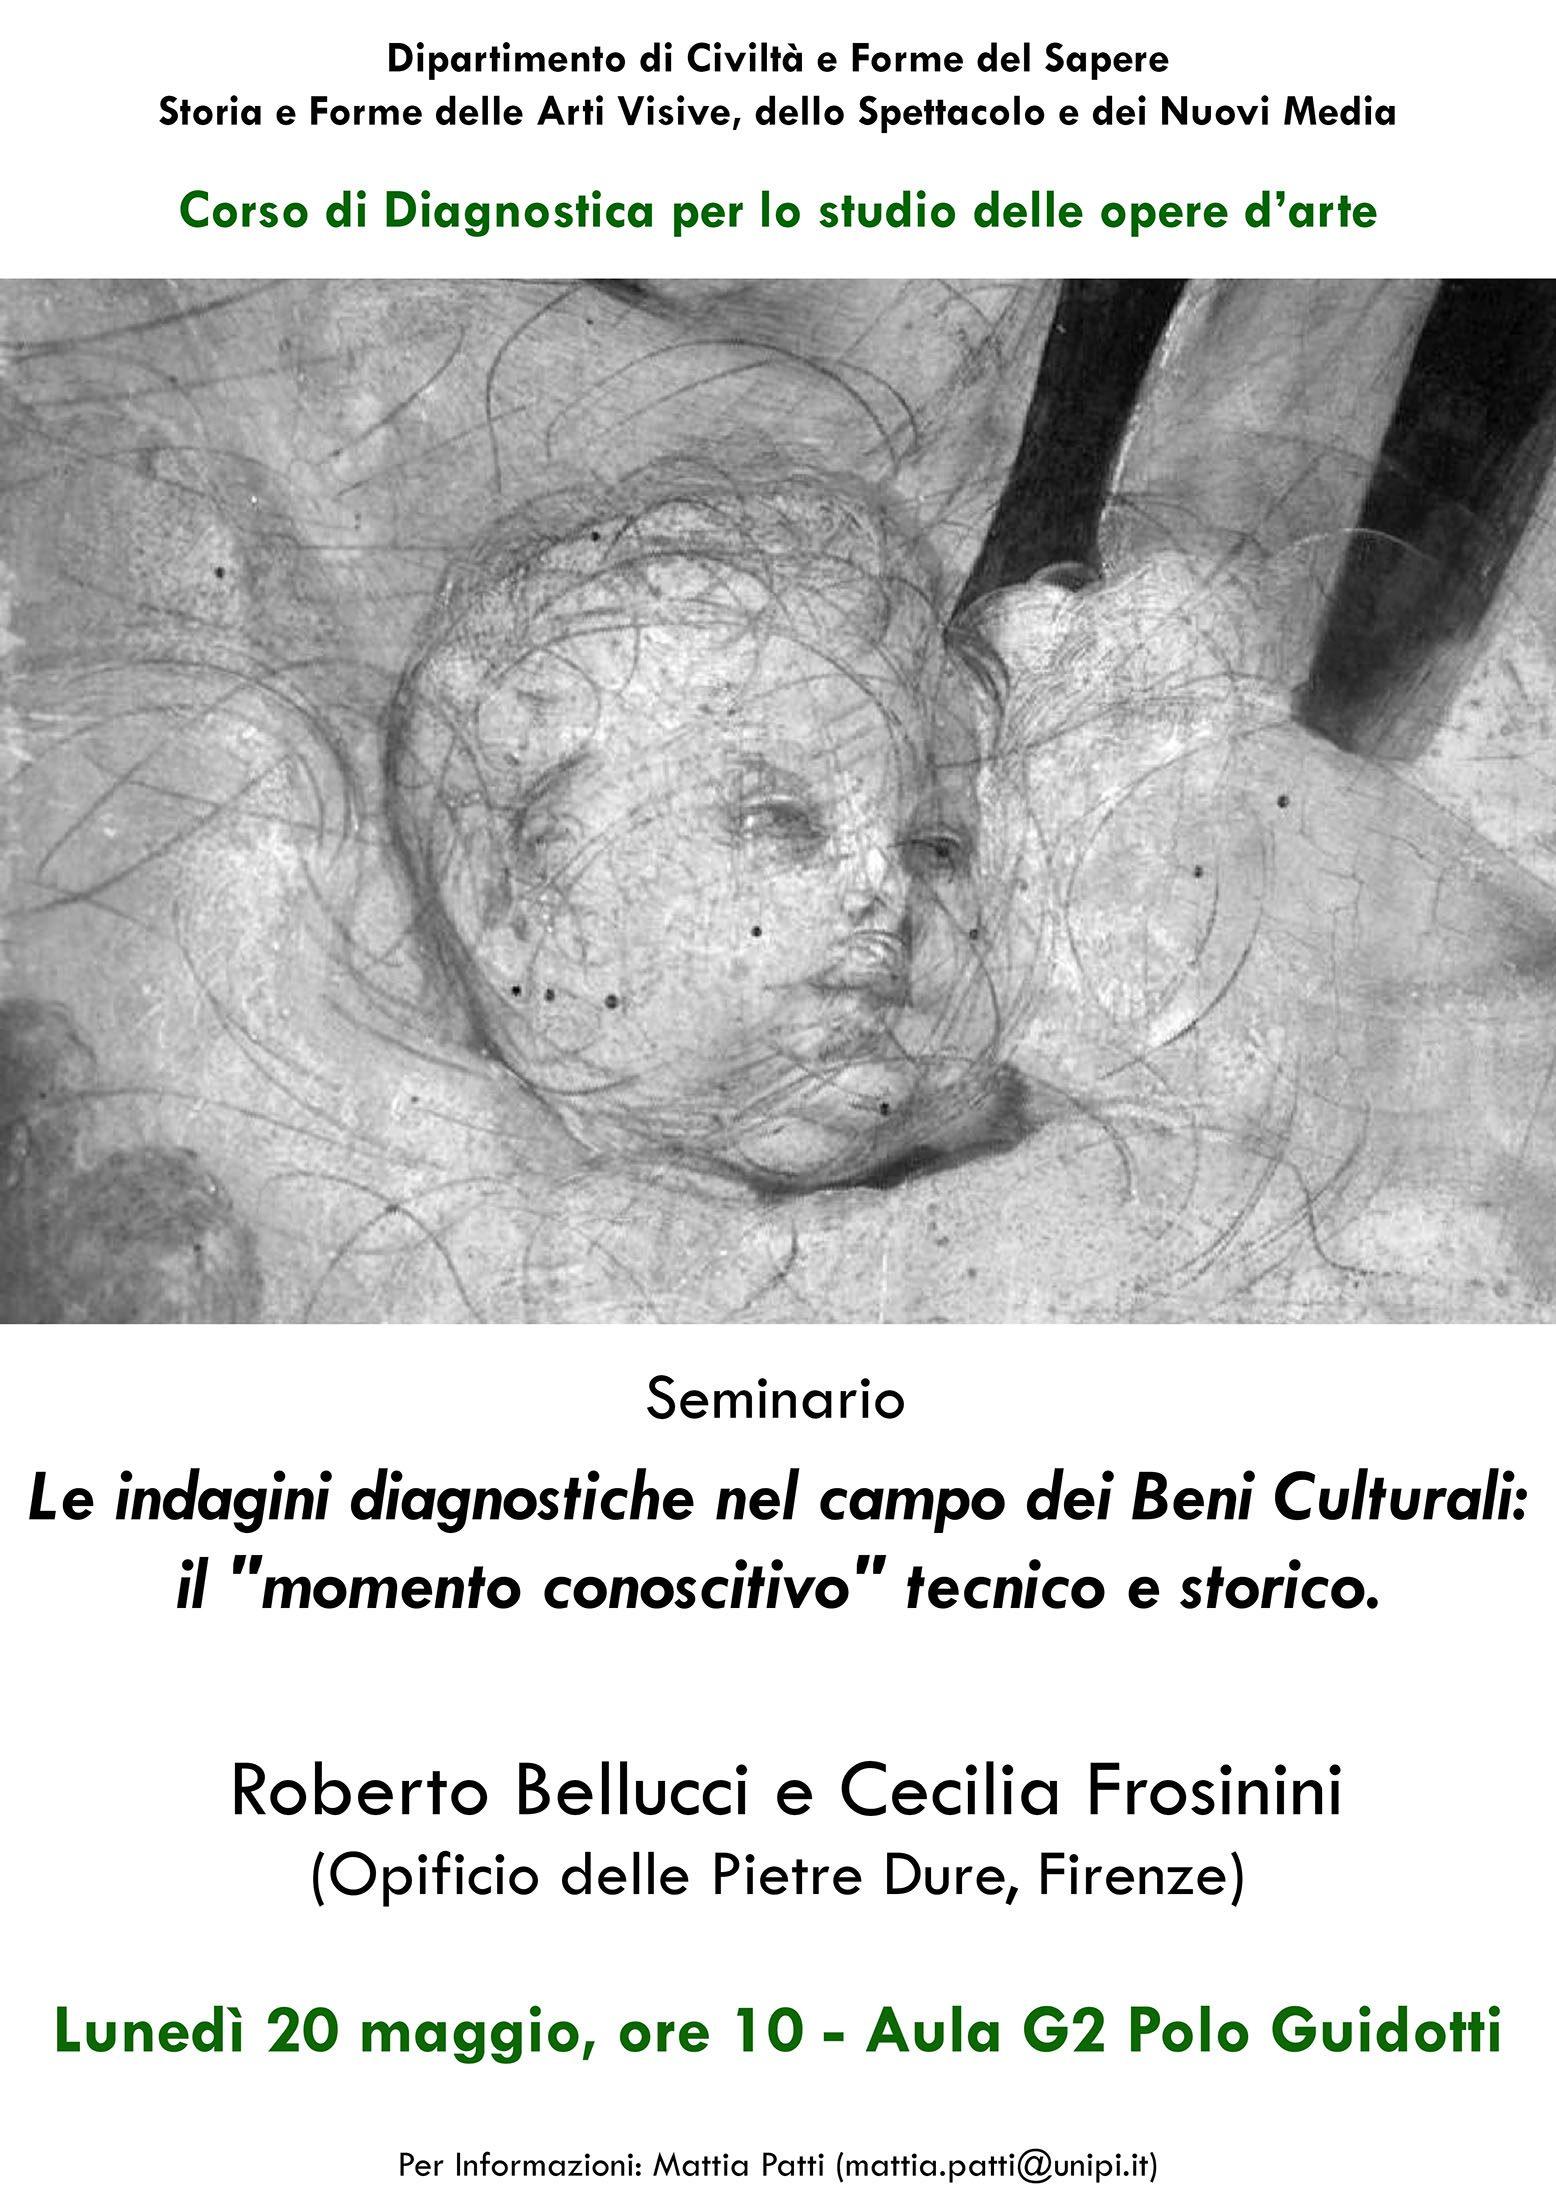 Bellucci-Frosinini-Indagini-diagnostiche-momento-conoscitivo